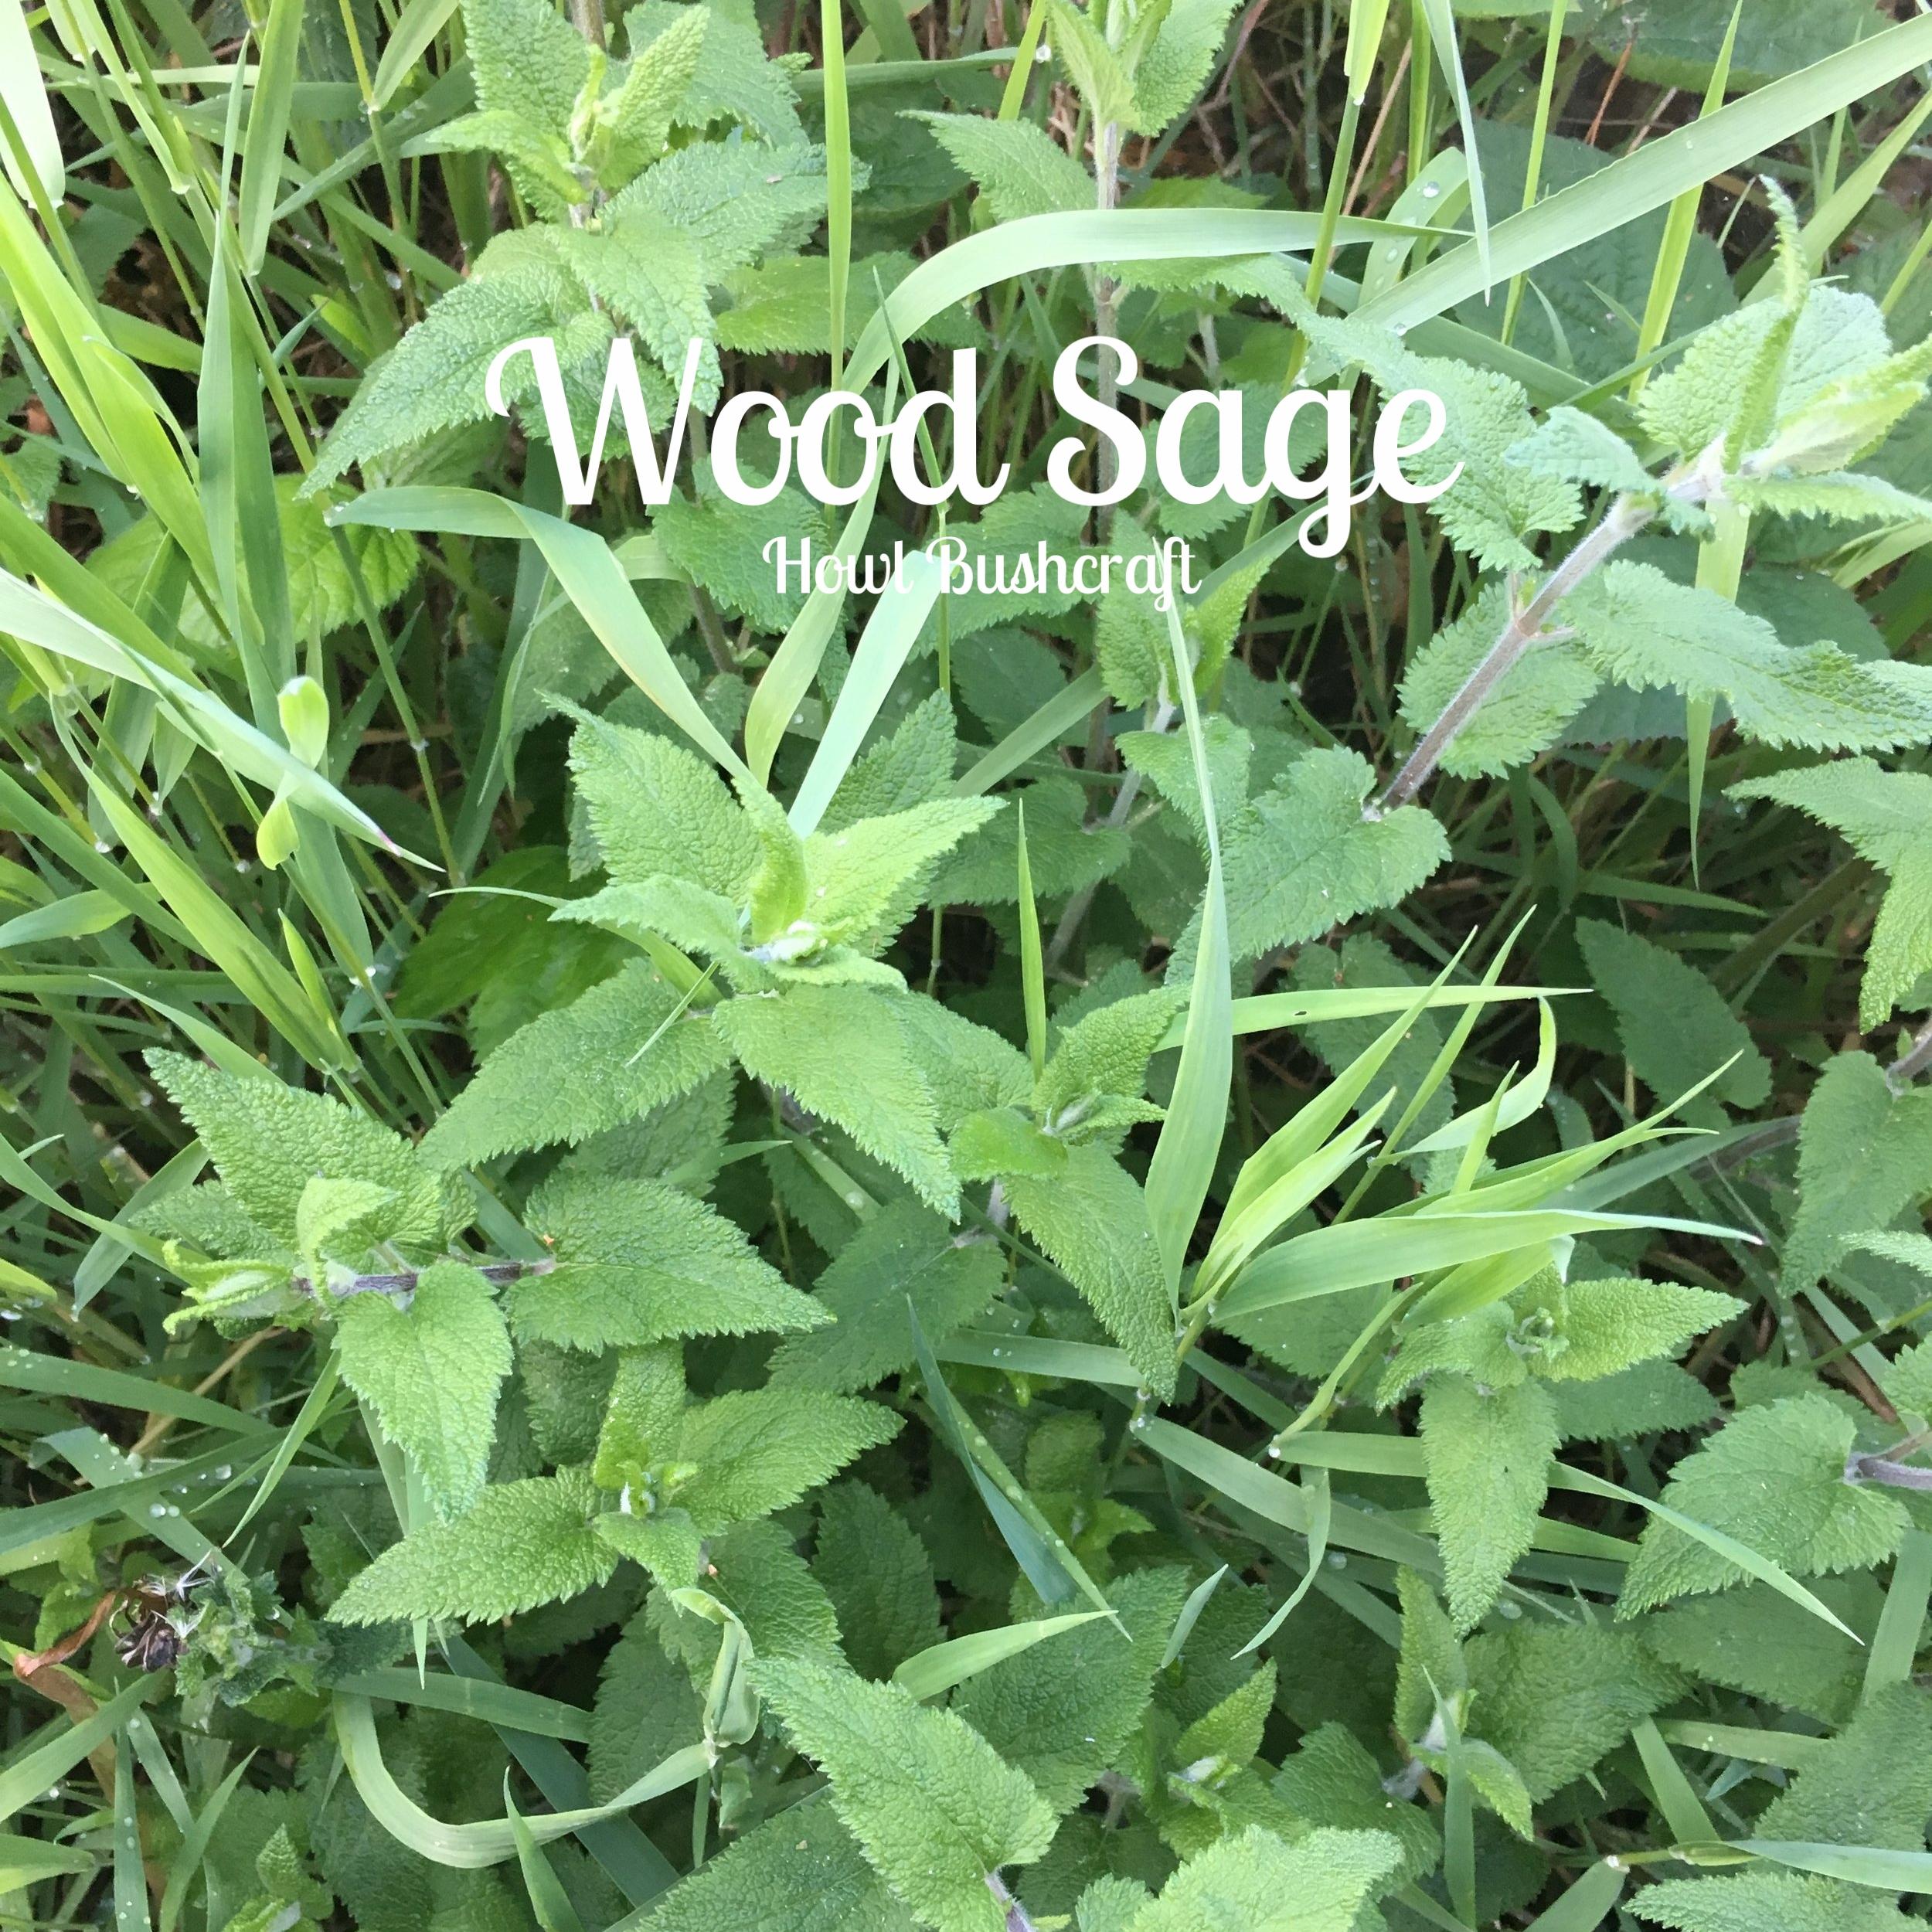 Wood Sage